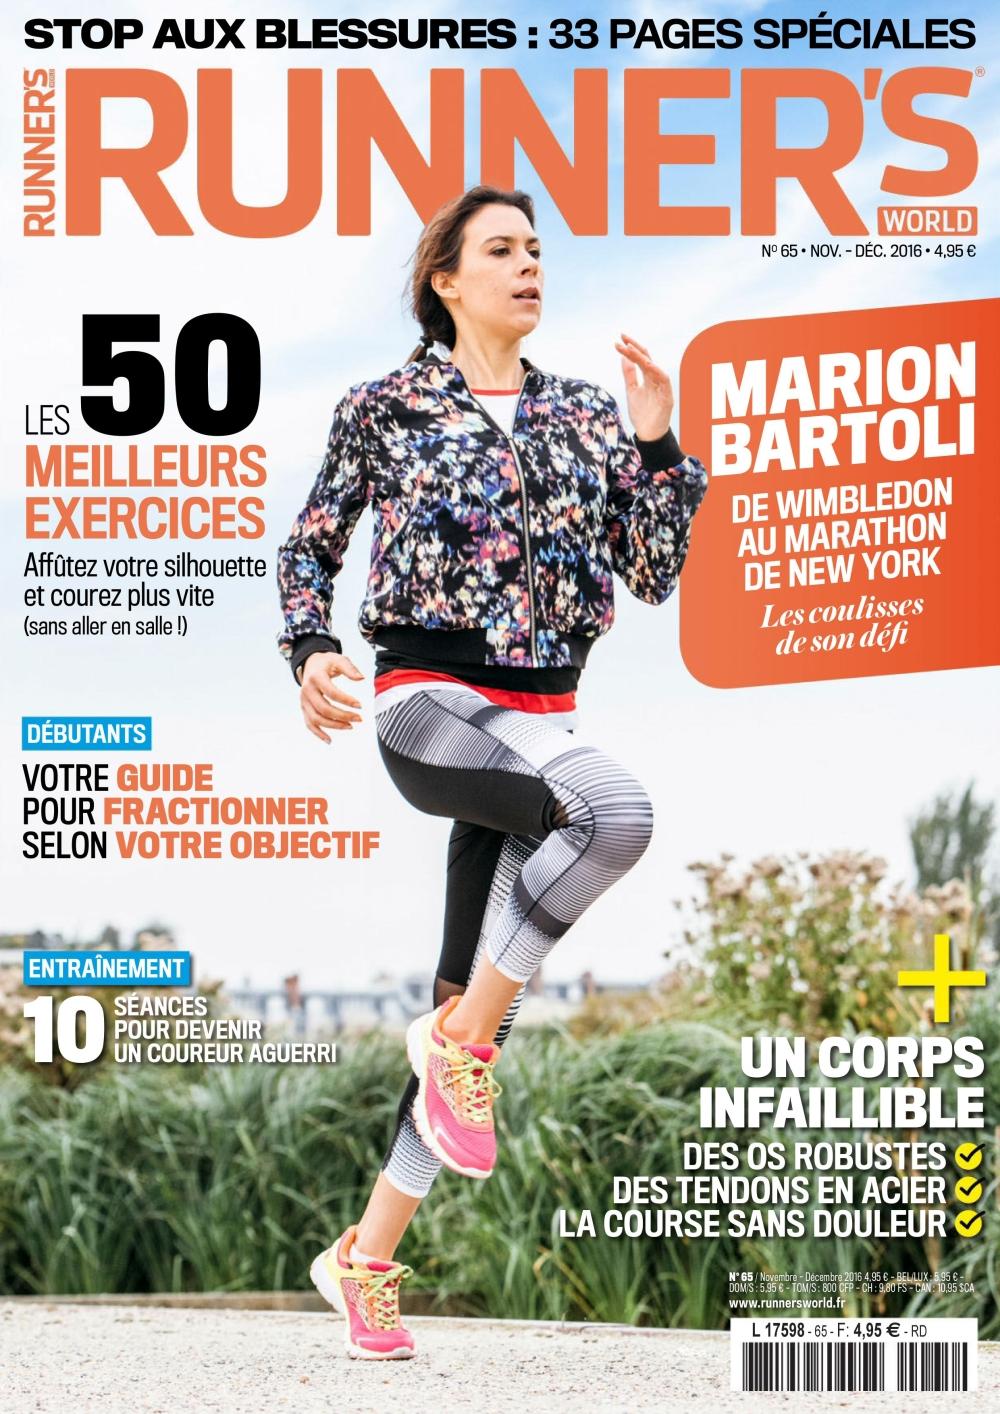 Runner s World N°65 - Novembre/Décembre 2016